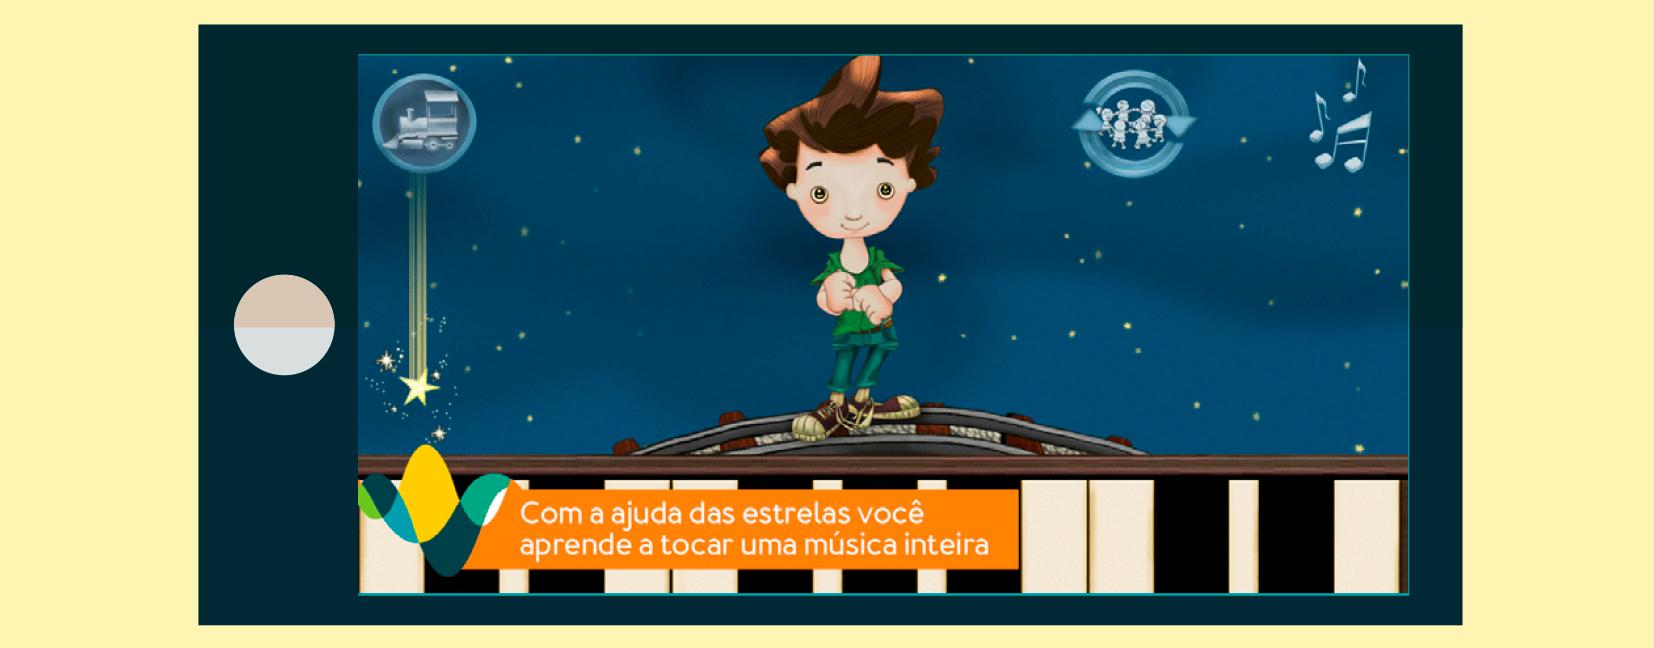 Imagem do aplicativo Tuhu Musical no jogo ensaio, onde o objetivo é treinar ritmo e melodia.